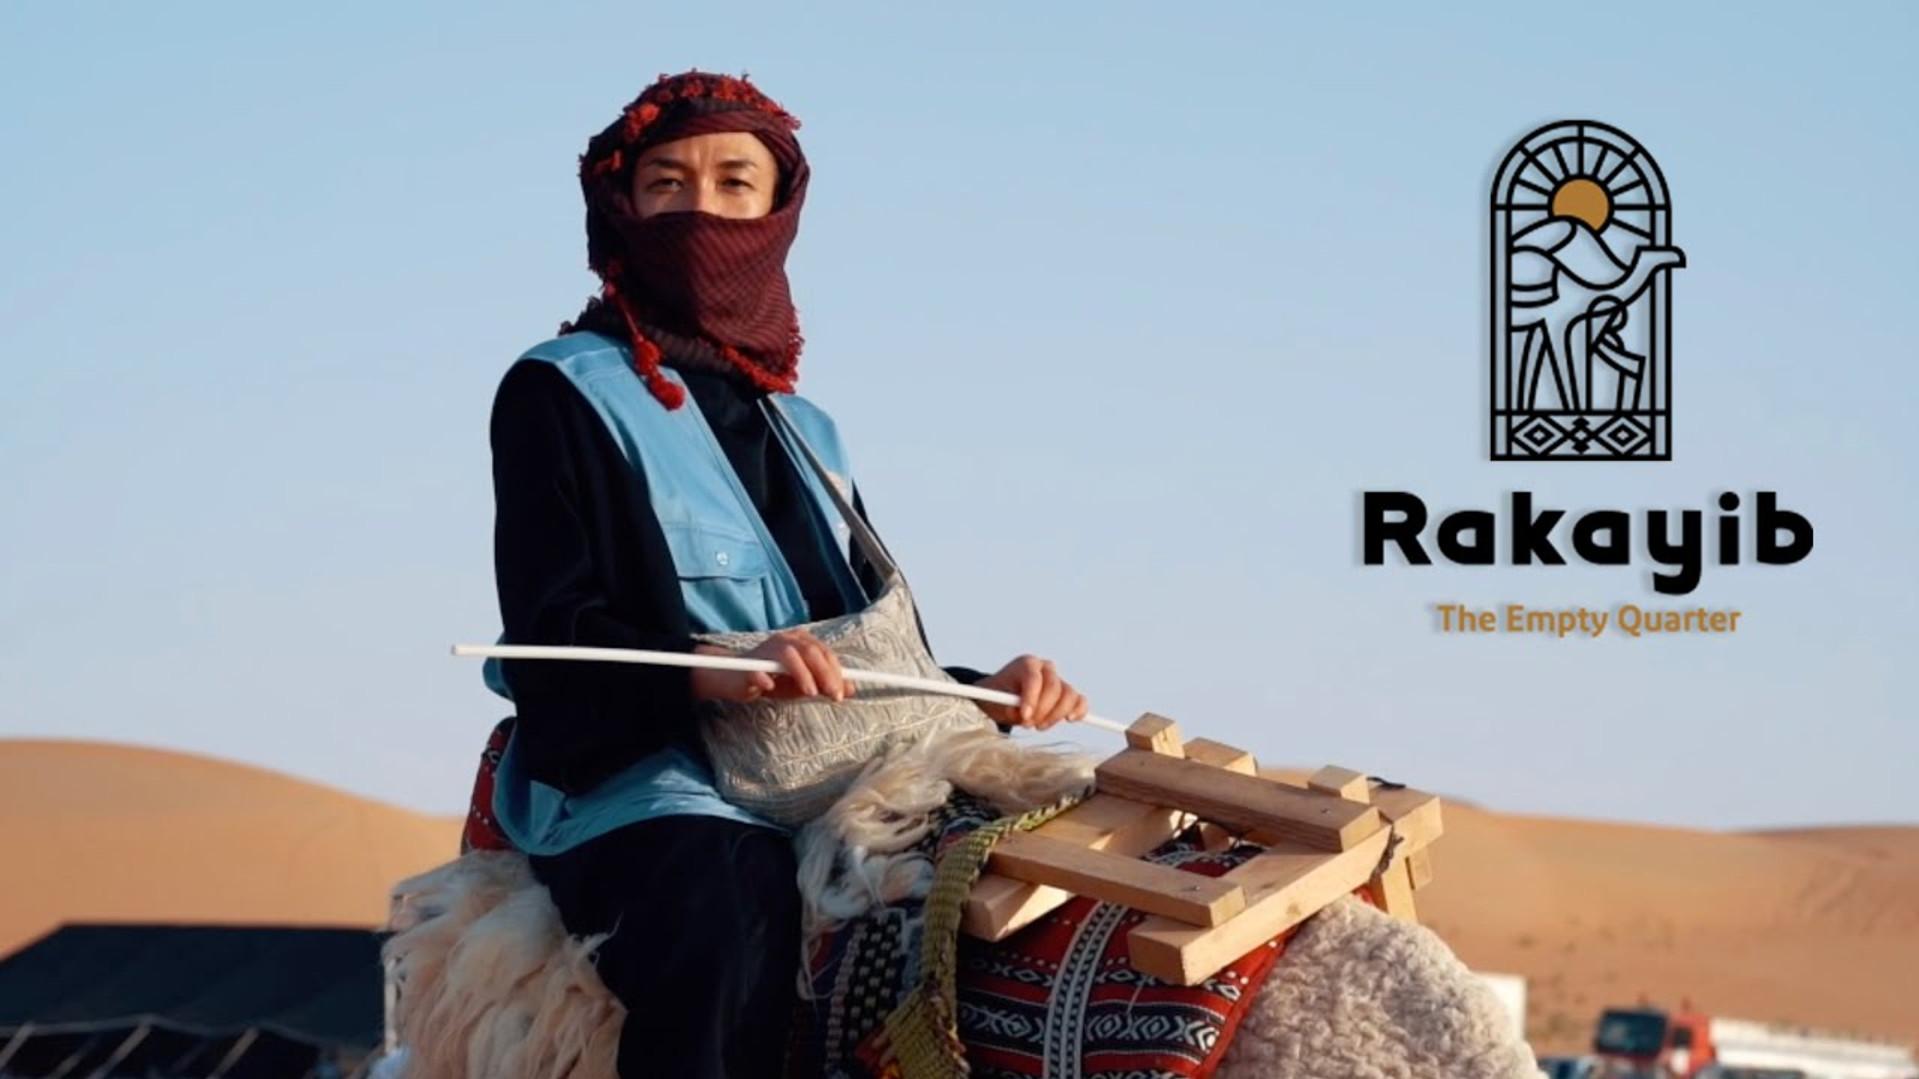 RAKAYIB | THE EMPTY QUARTER 3